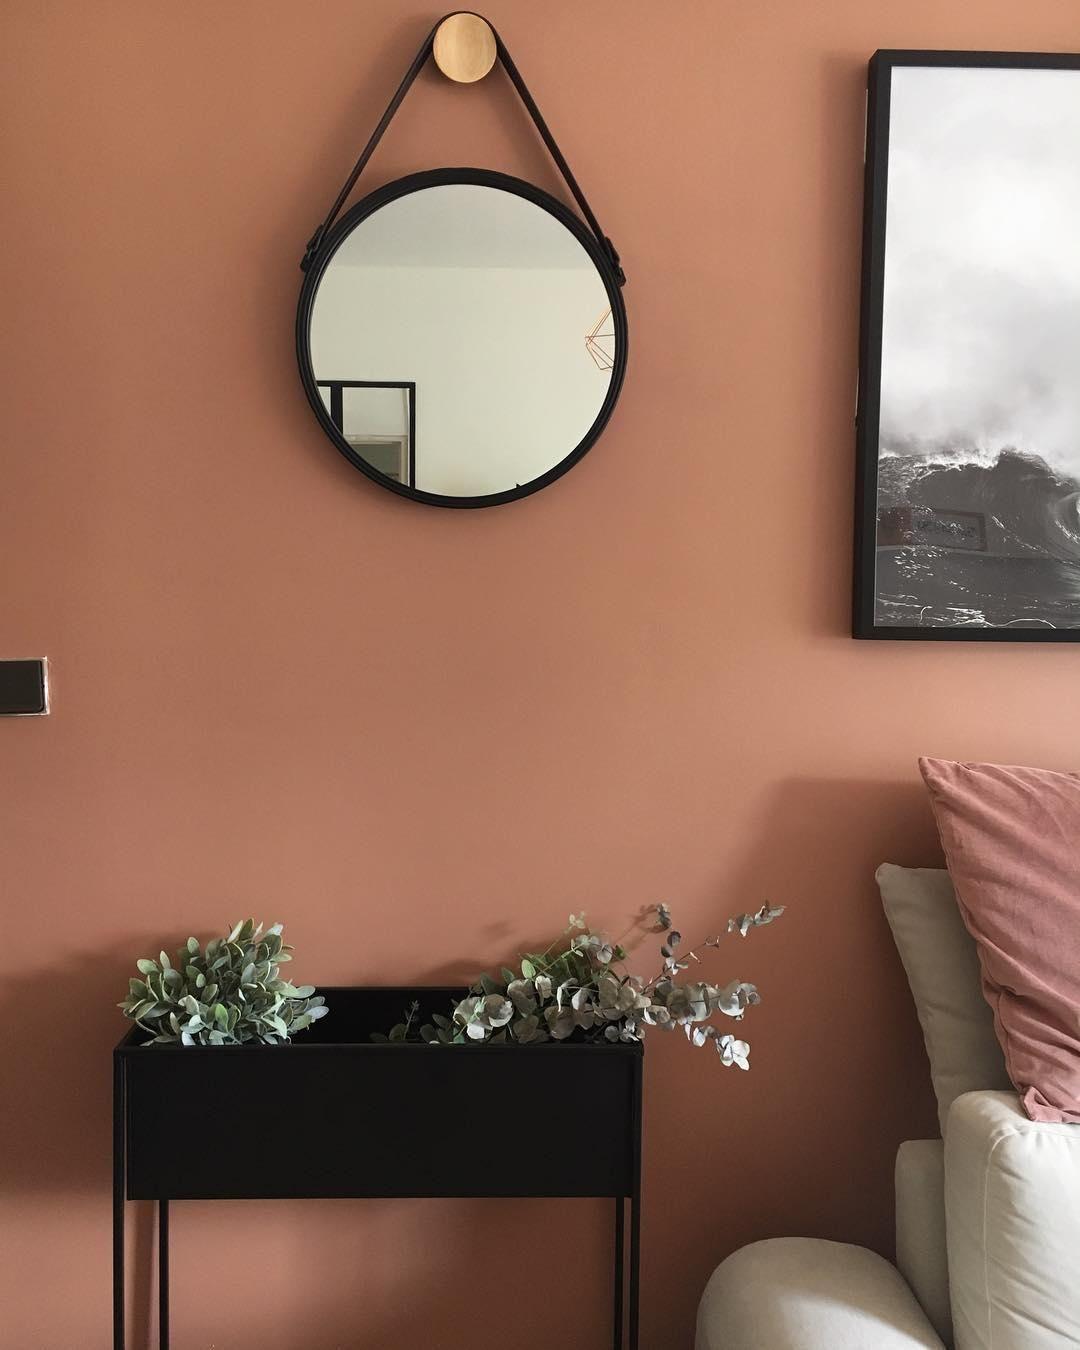 Wohnzimmer Spiegel Top Wohnzimmer Spiegel With Wohnzimmer: Wandspiegel Wohnzimmer. Best Moderne Spiegel Elegant